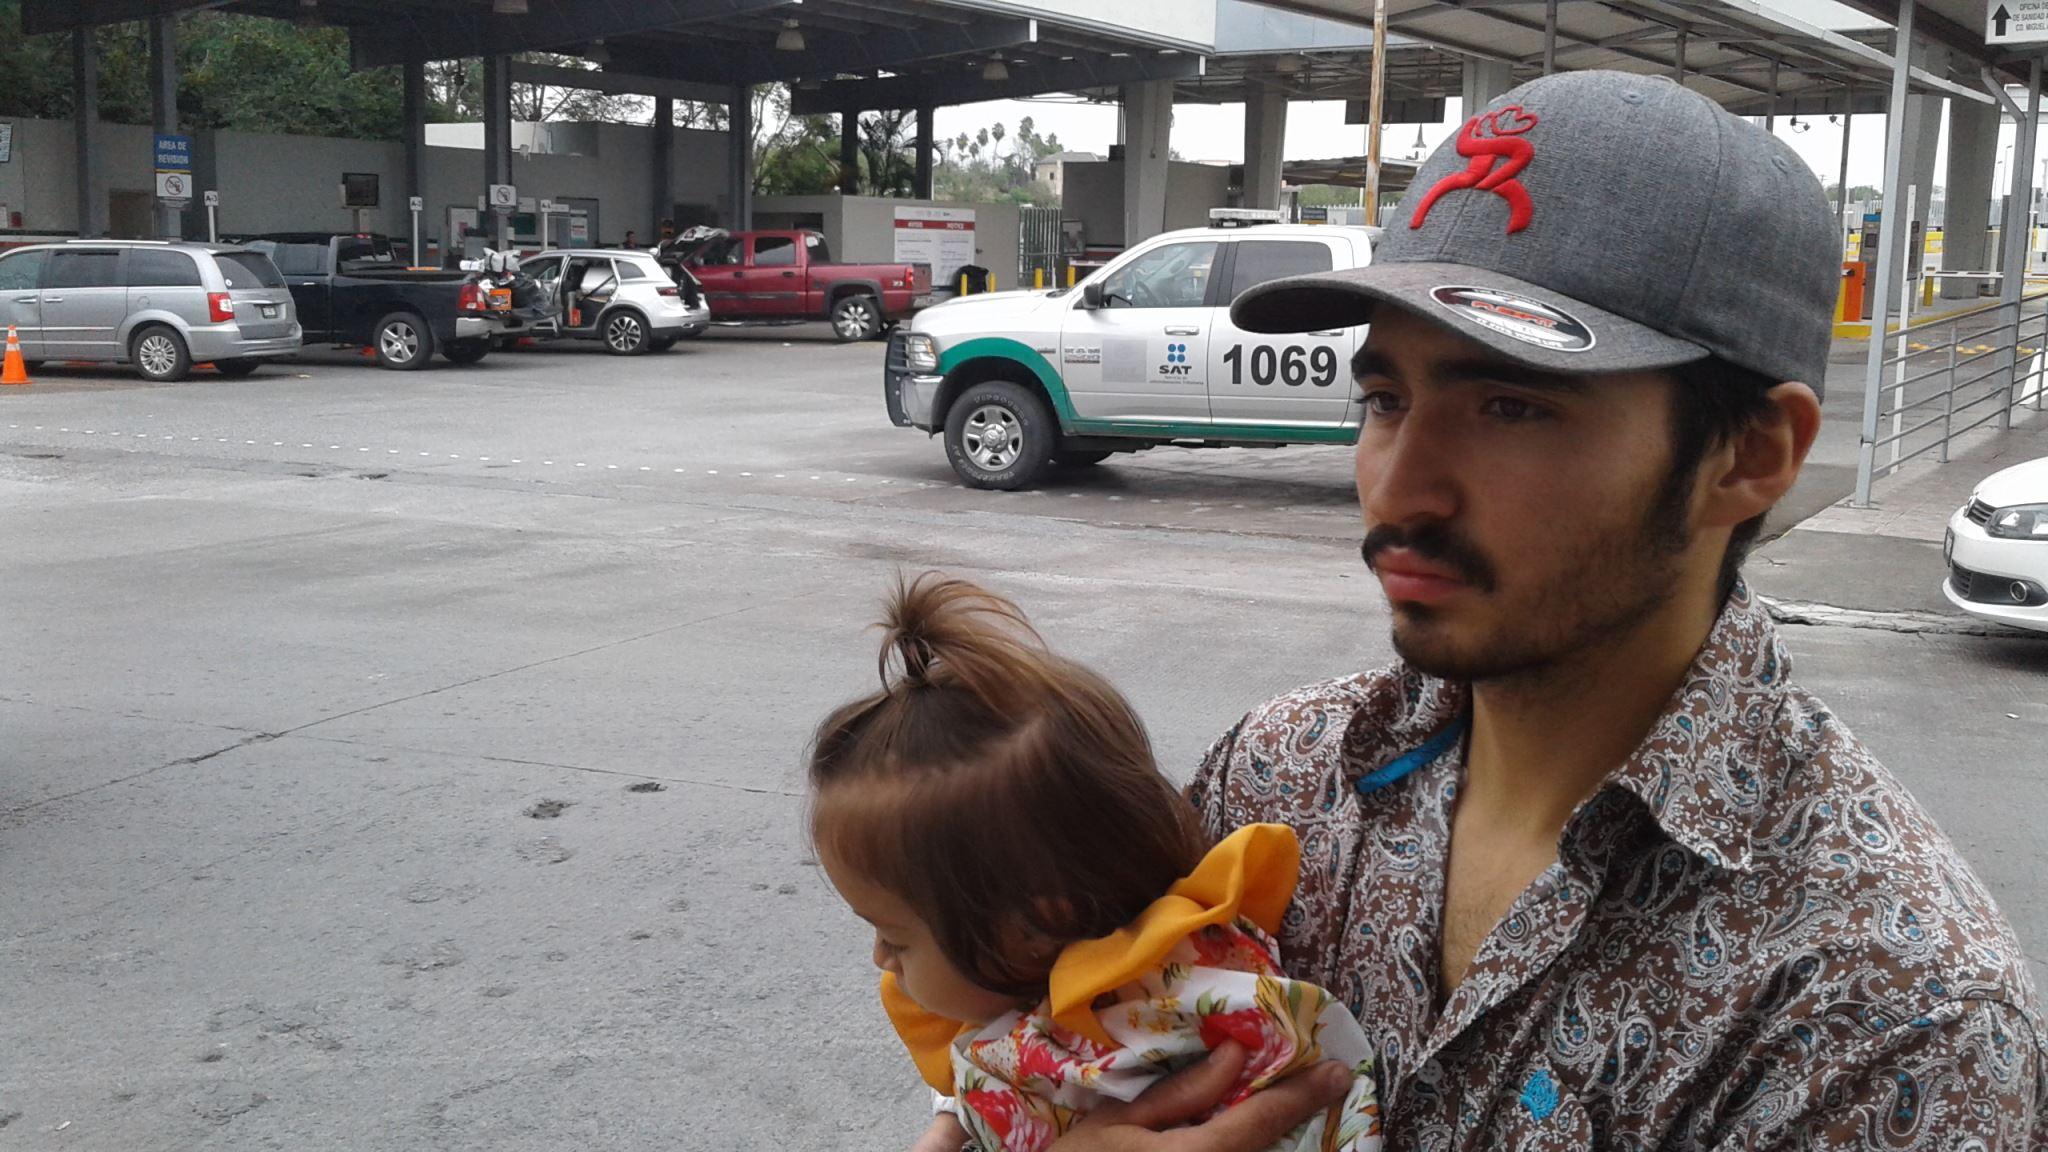 SE QUEJA. El joven paisano Rosbel Gómez, se quejó de malos tratos por parte del personal de operación aduanera en Miguel Alemán, donde pretendían decomisarle la ropa de toda su familia.